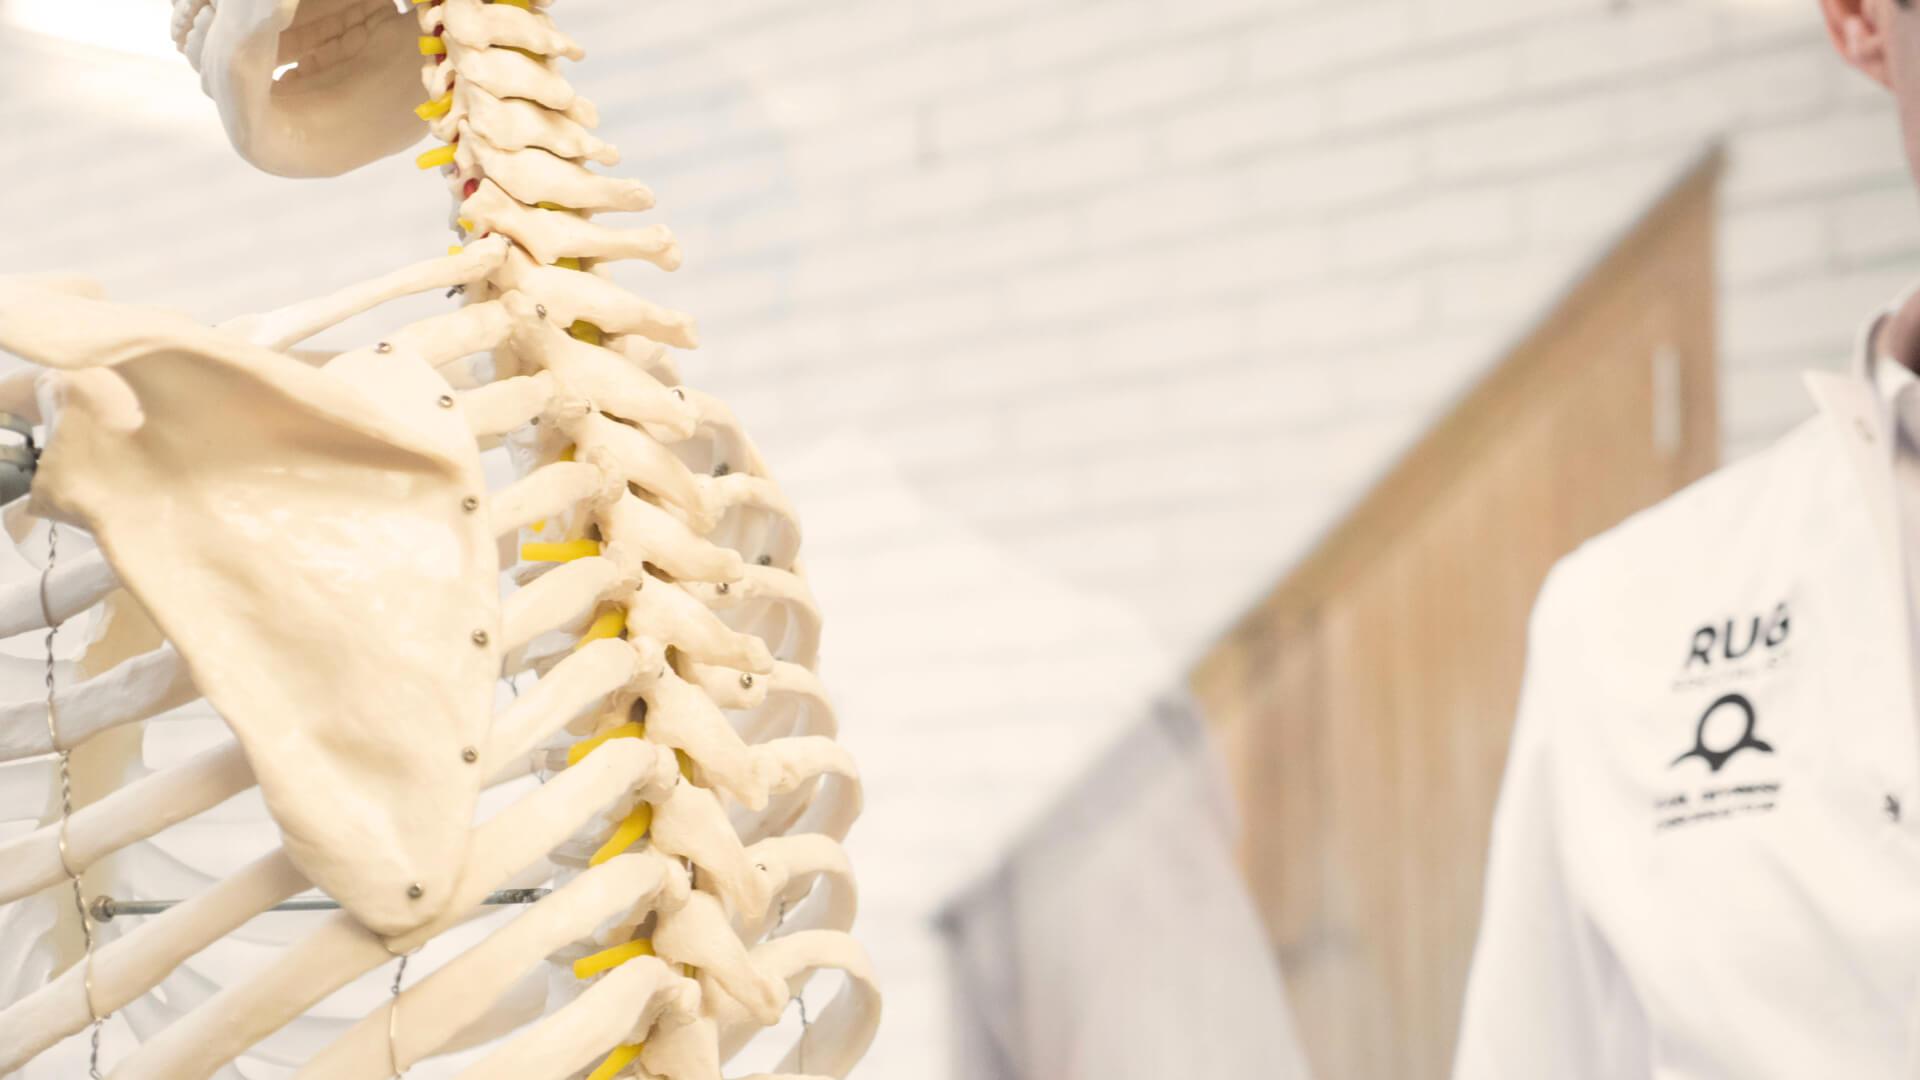 Begeleidende afbeelding bij uitleg over vooroordelen over chiropraxie